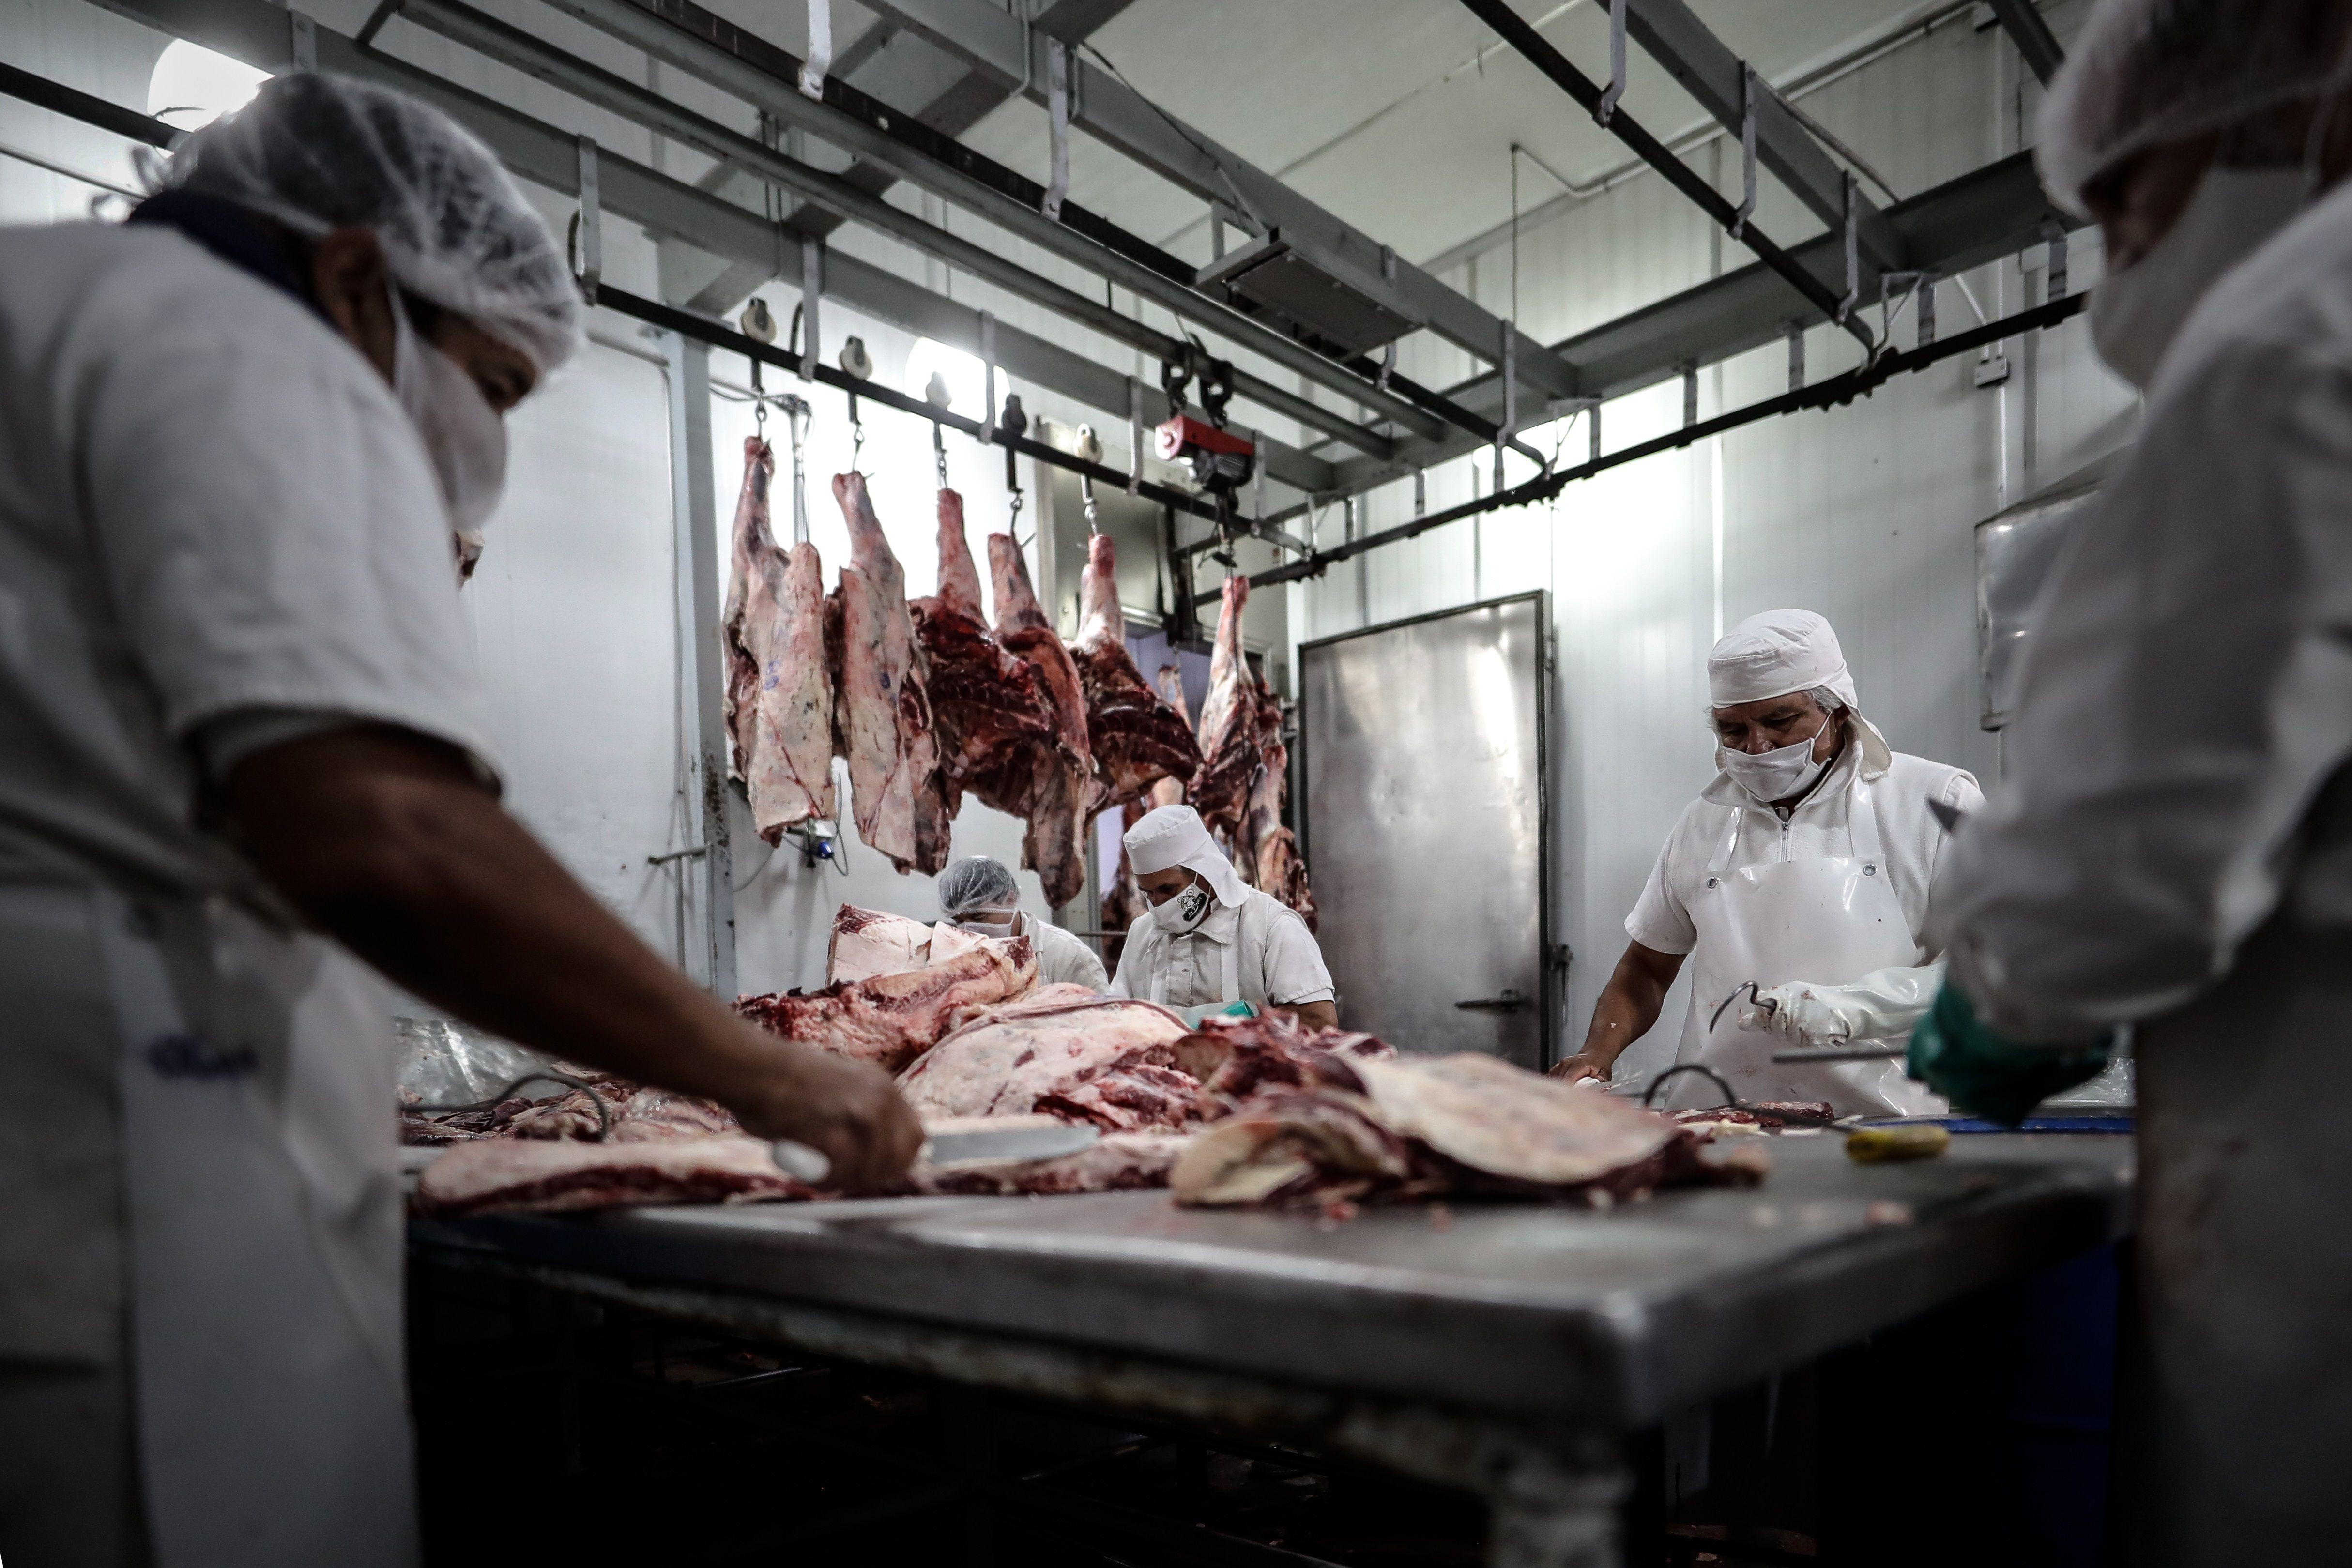 Desde la producción siguen reclamando la eliminación de las restricciones para exportar carne vacuna. (EFE/ Juan Ignacio Roncoroni/Archivo)